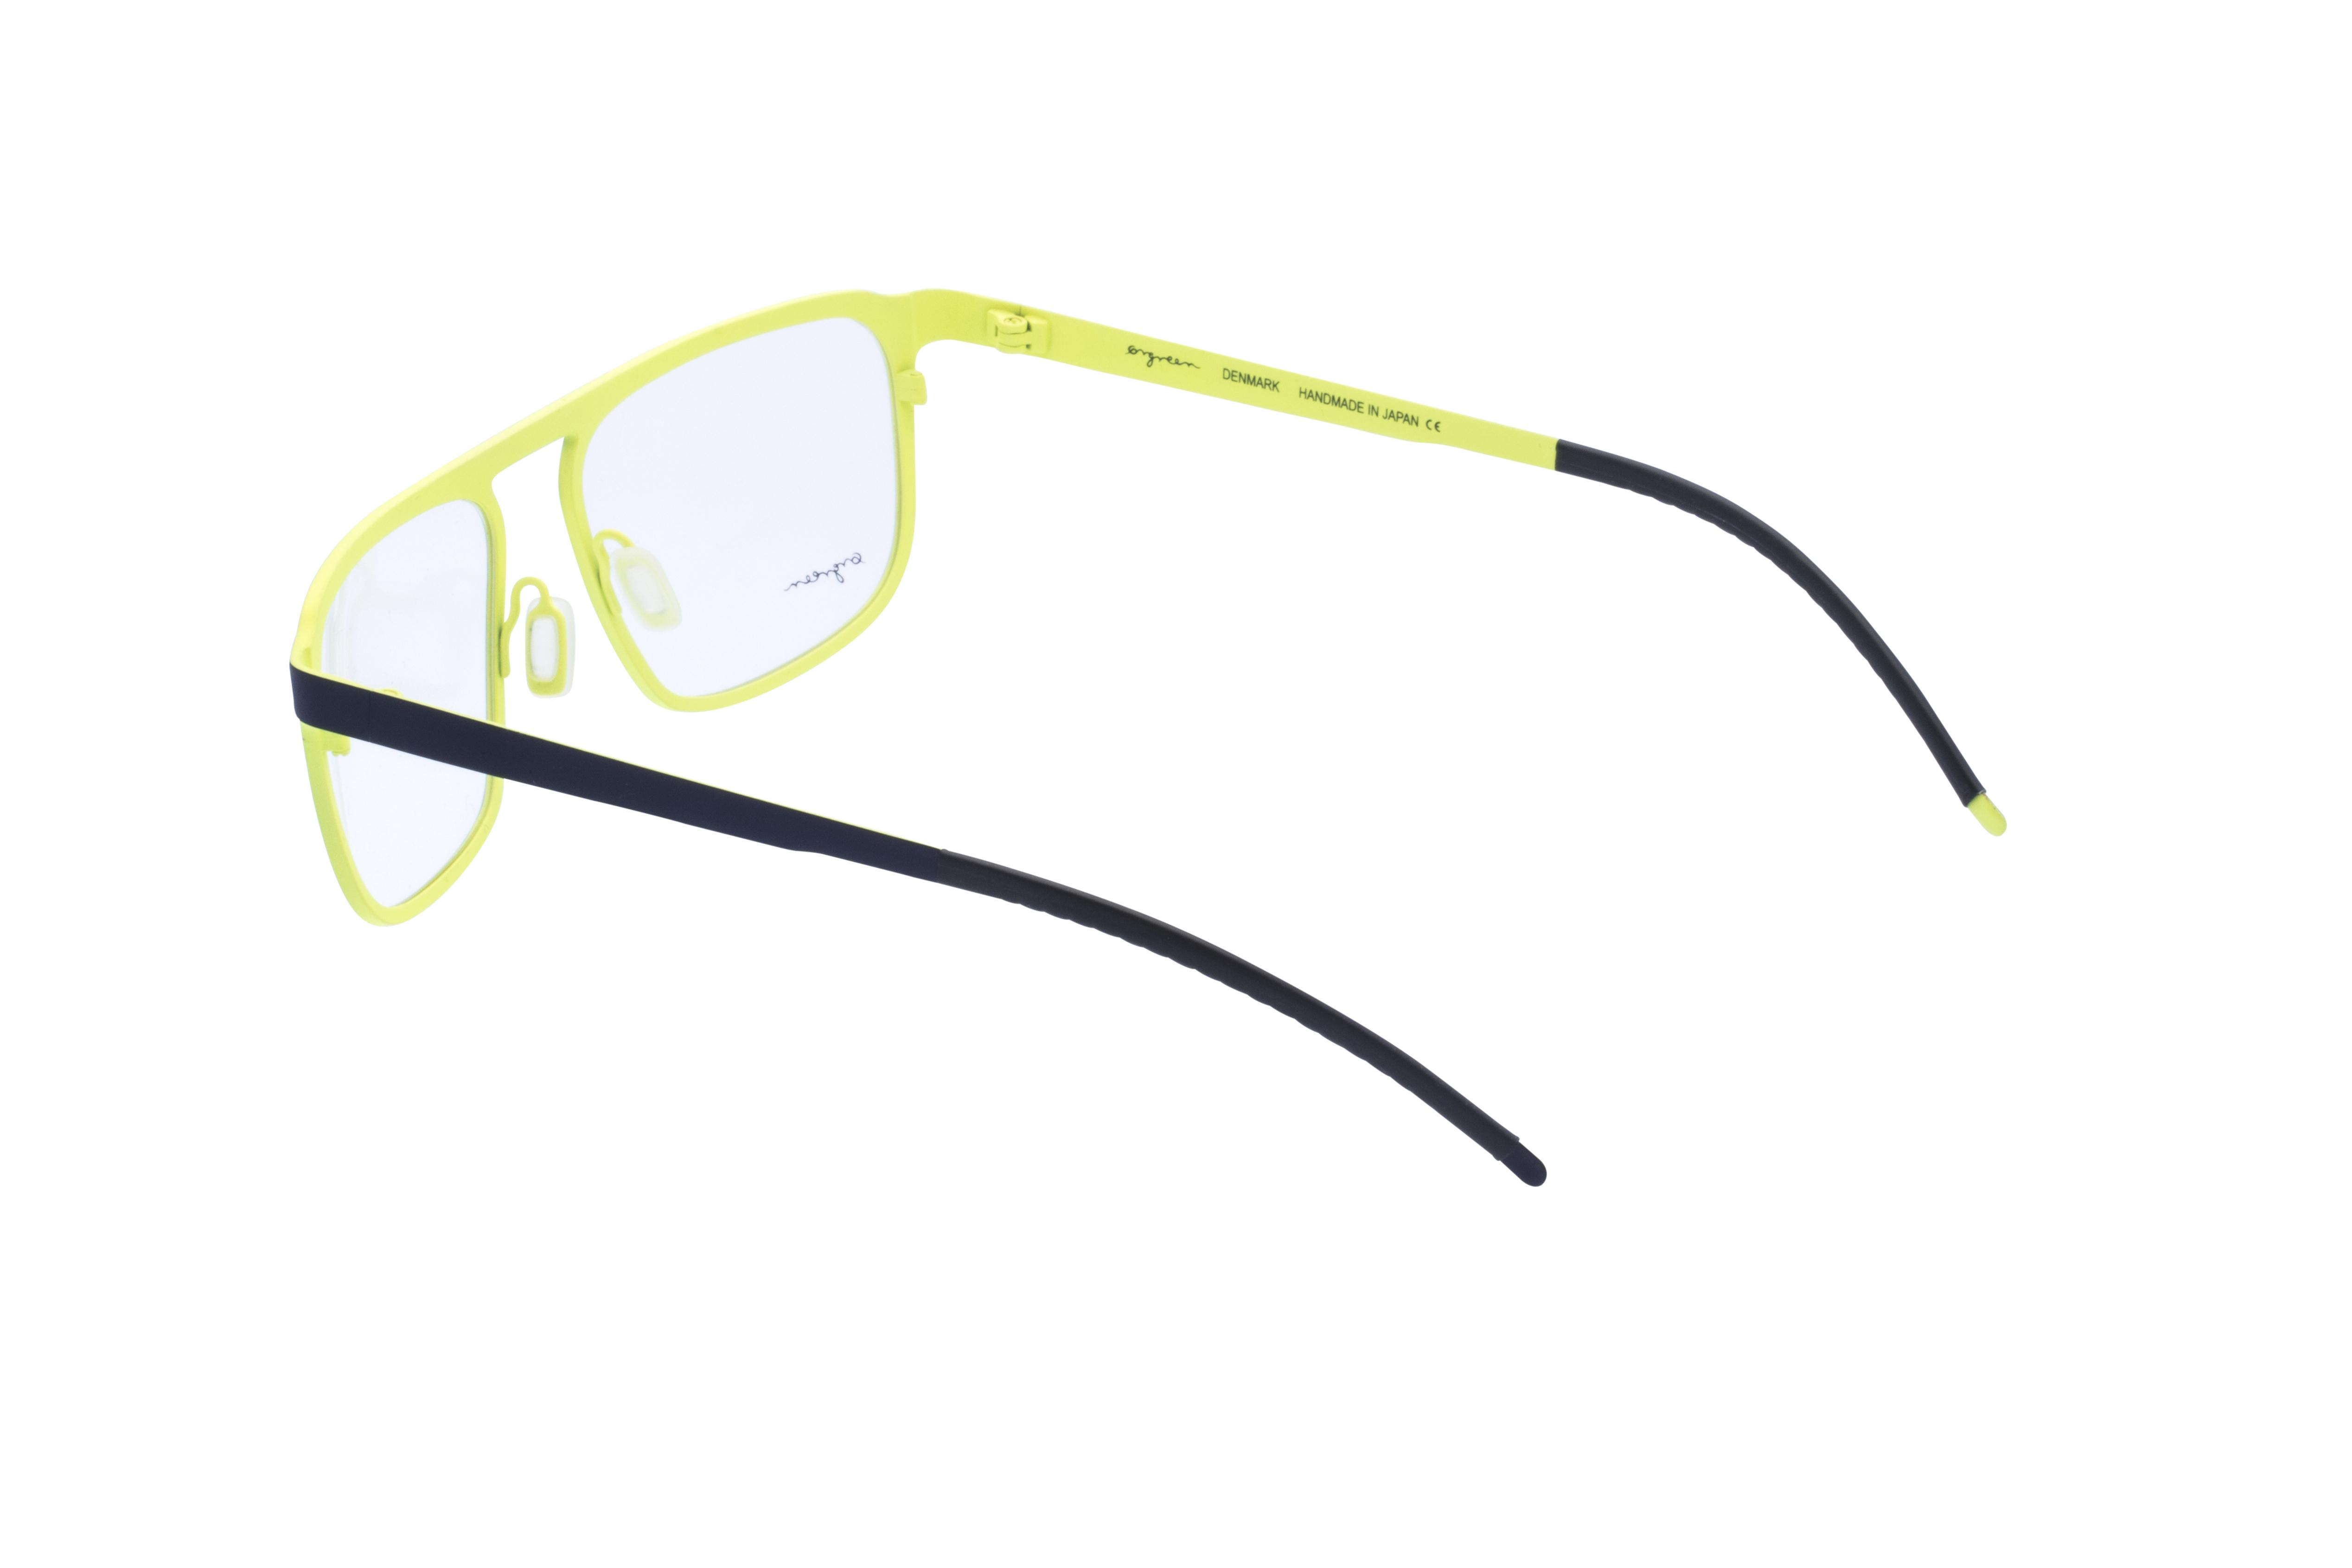 360 Grad Ansicht 16 Orgreen Crow, Brille auf Weiß - Fassung bei KUNK